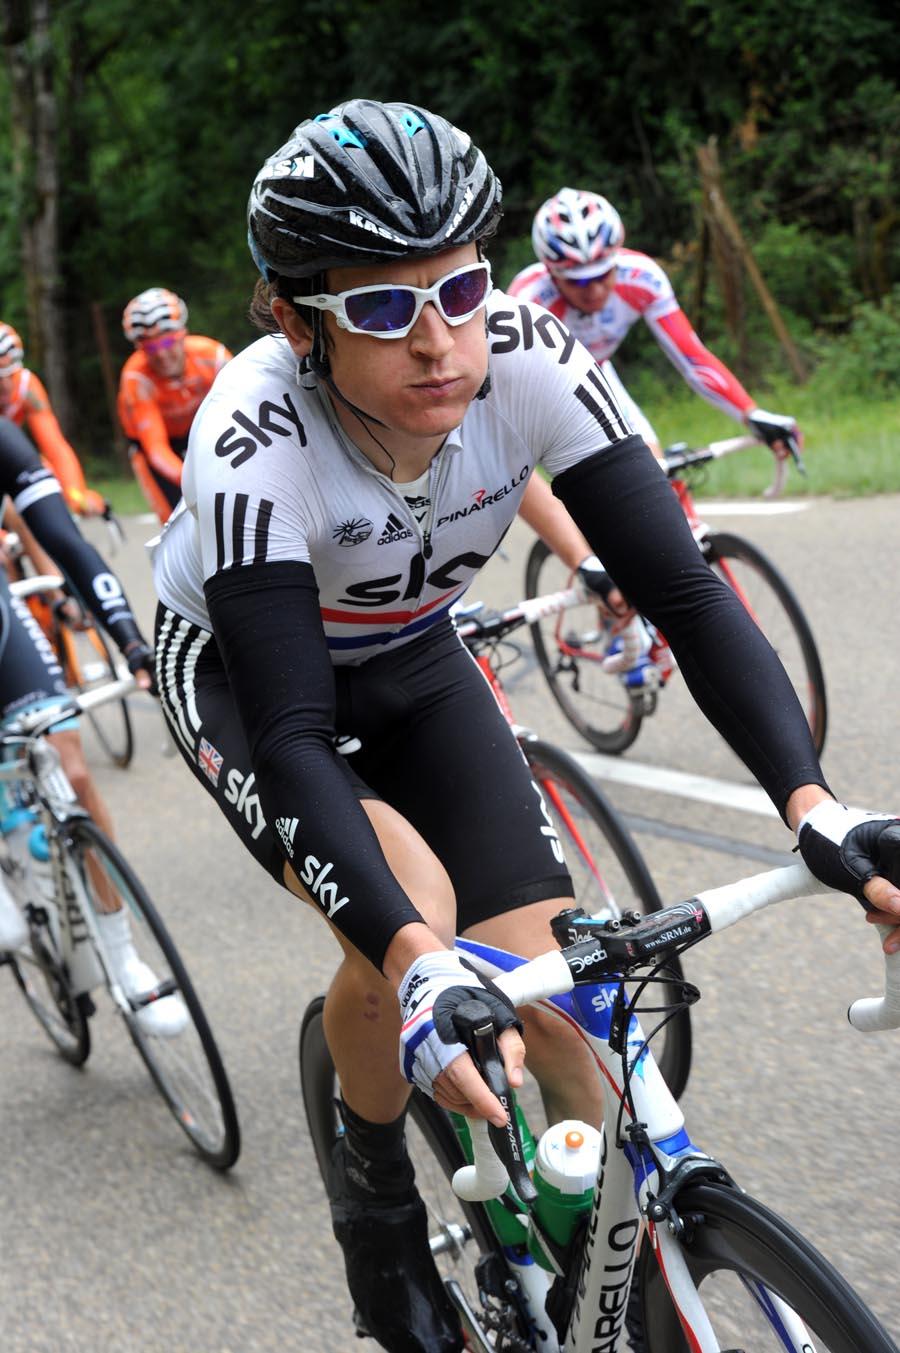 Geraint Thomas, Criterium du Dauphine 2011, stage two